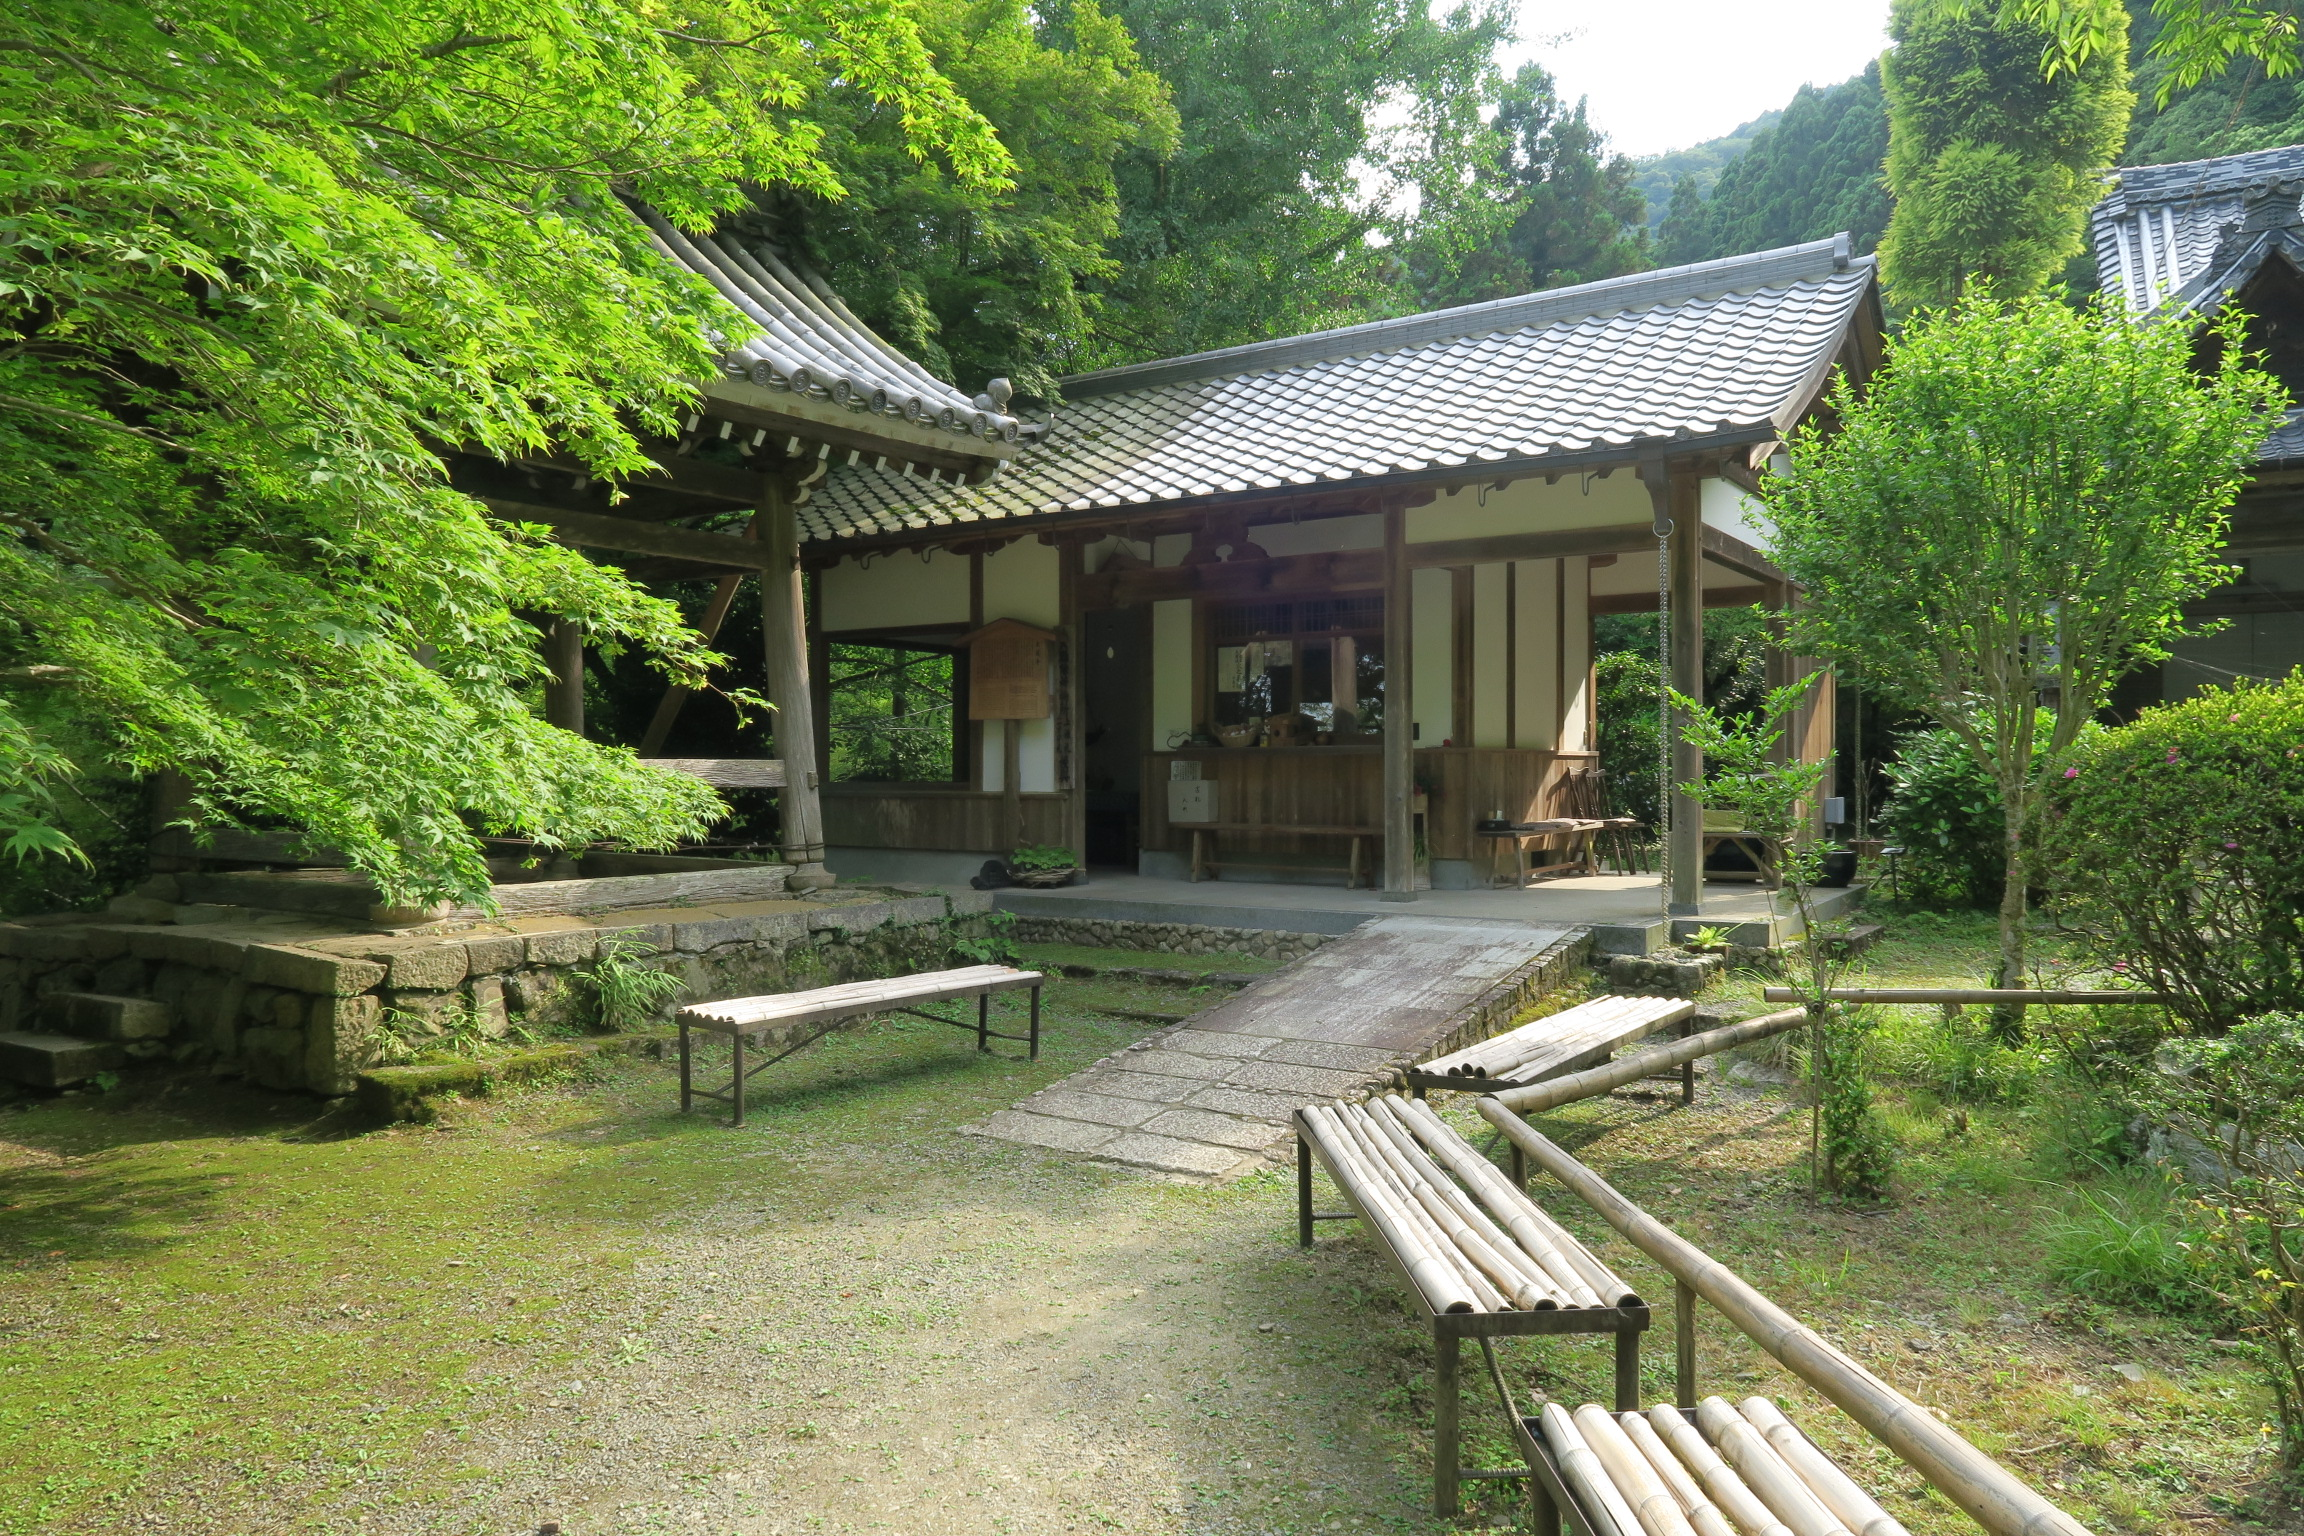 石階段をのぼり左手に寺務所があります。